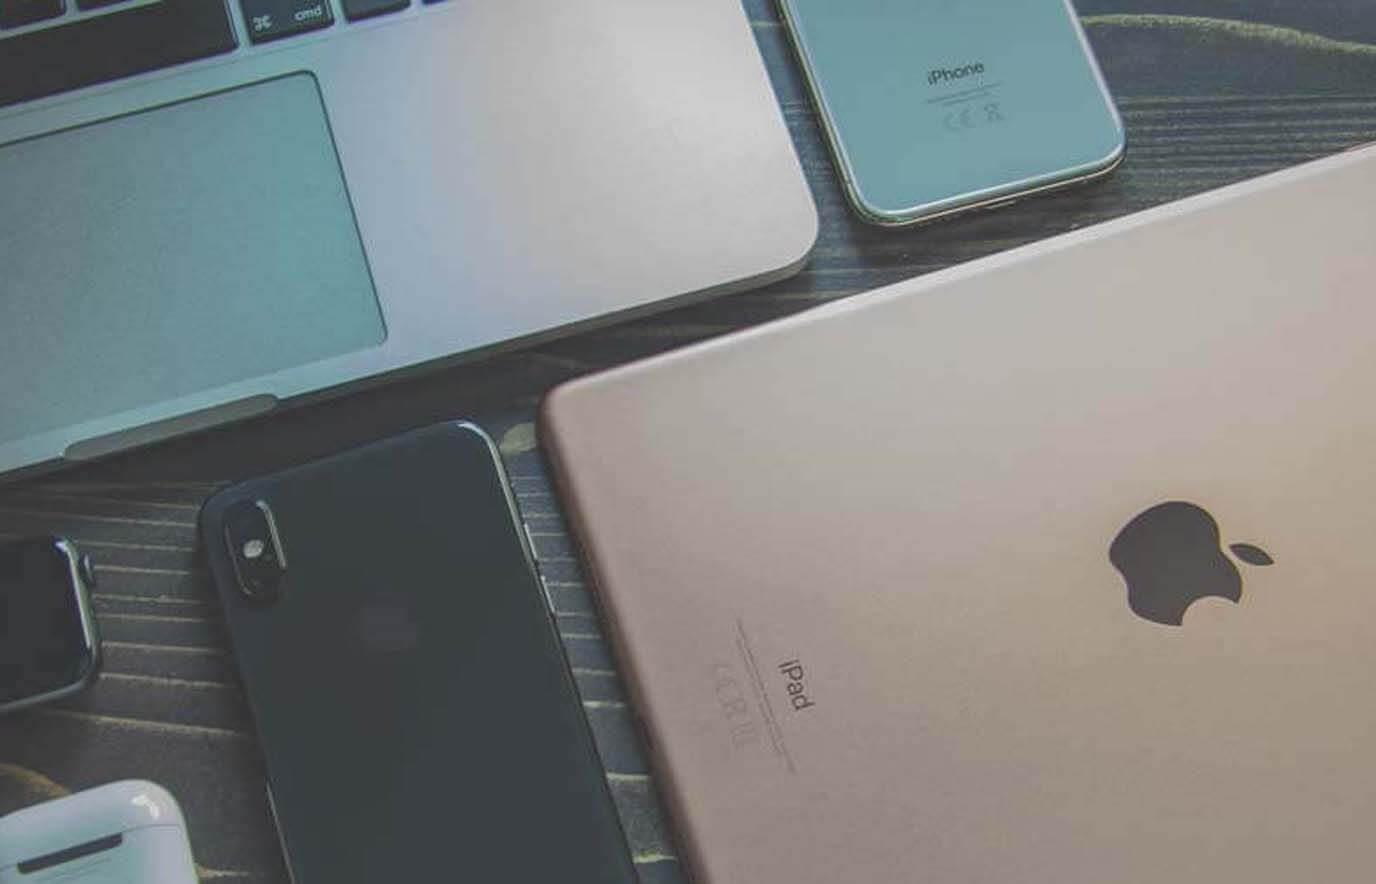 Apple-device zakelijk afschrijven